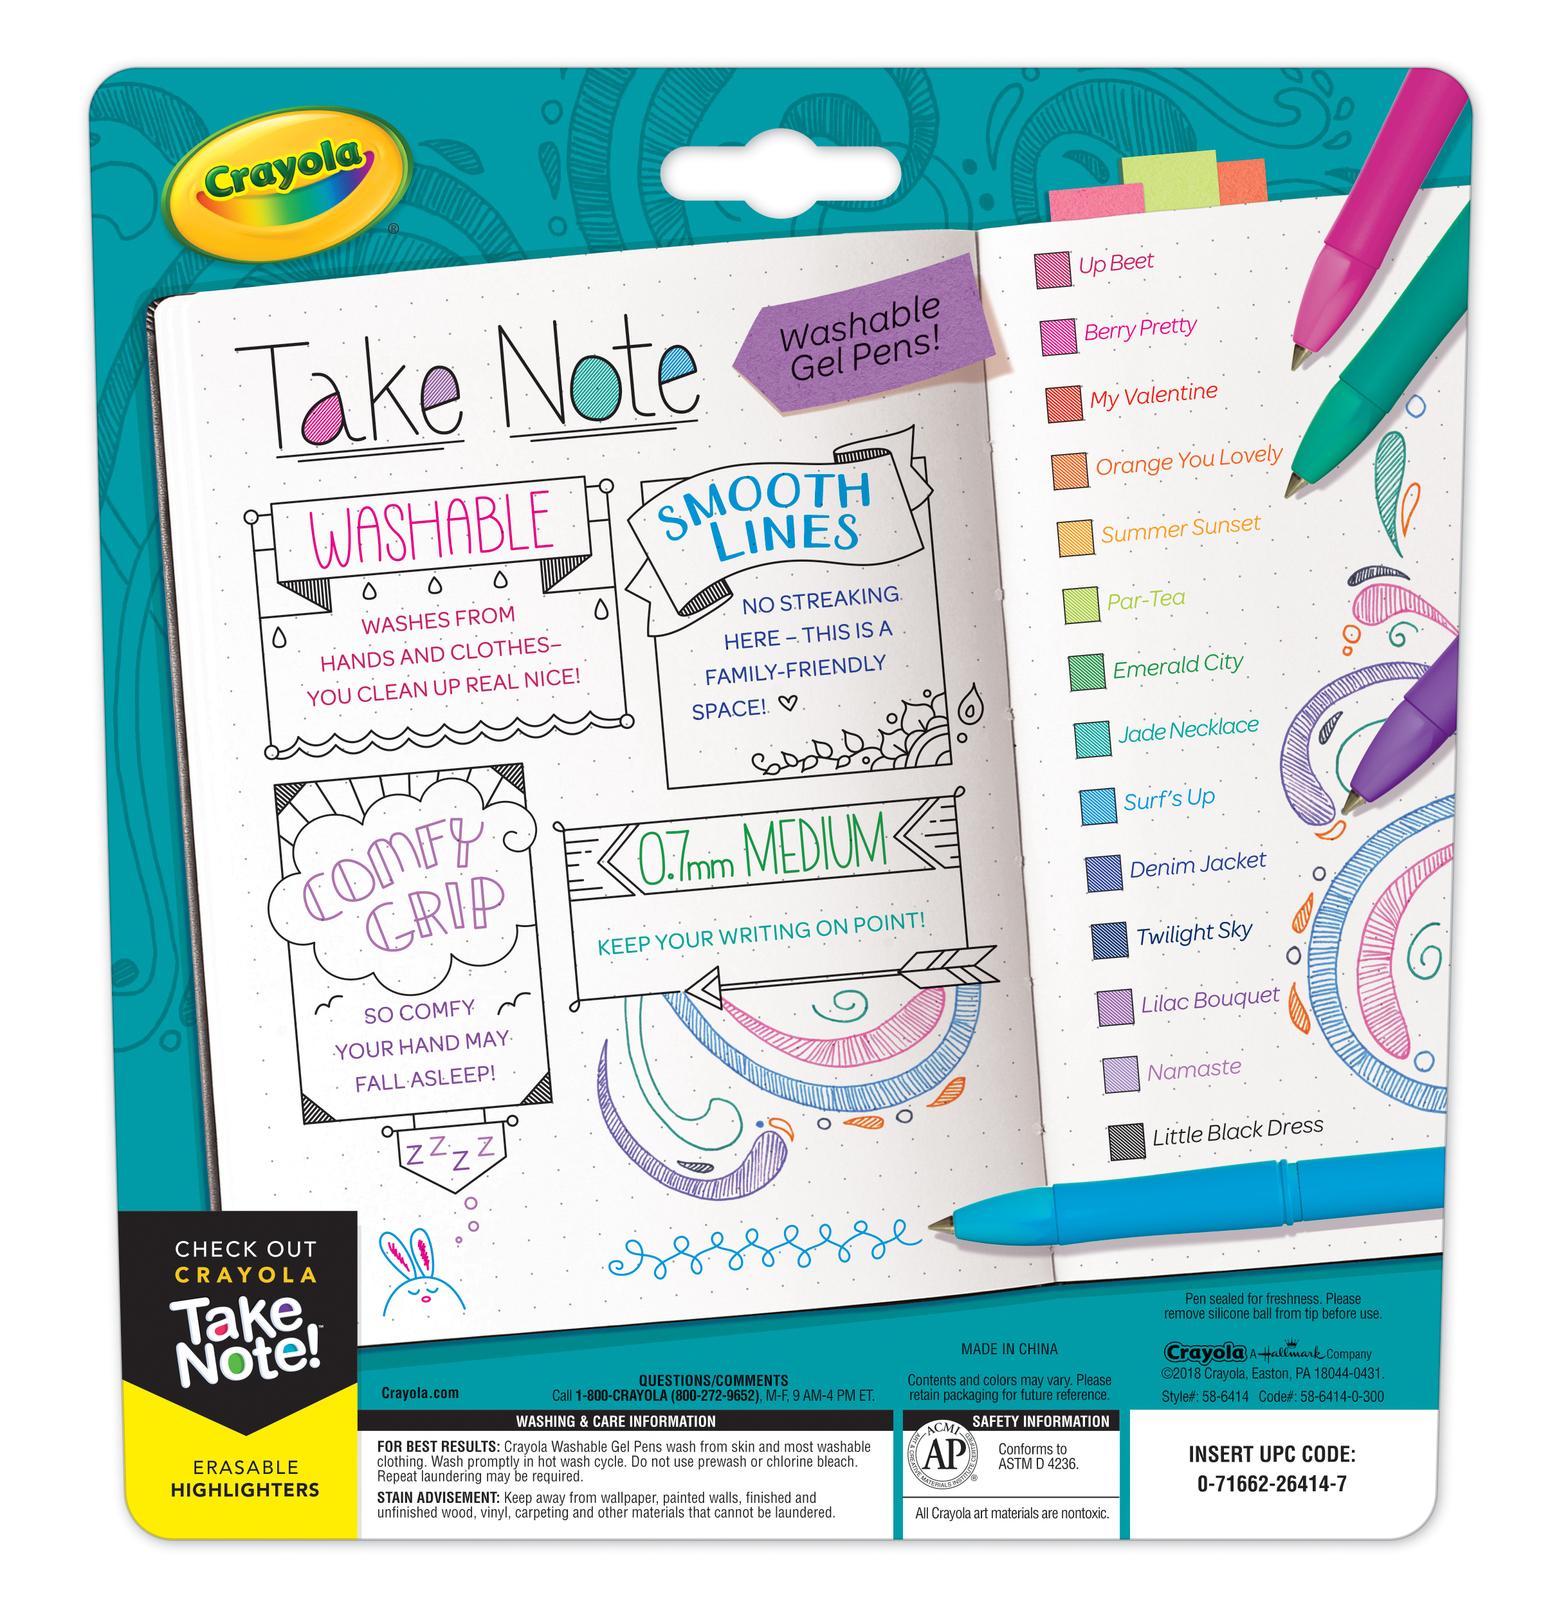 Crayola: Take Note - Washable Gel Pens image